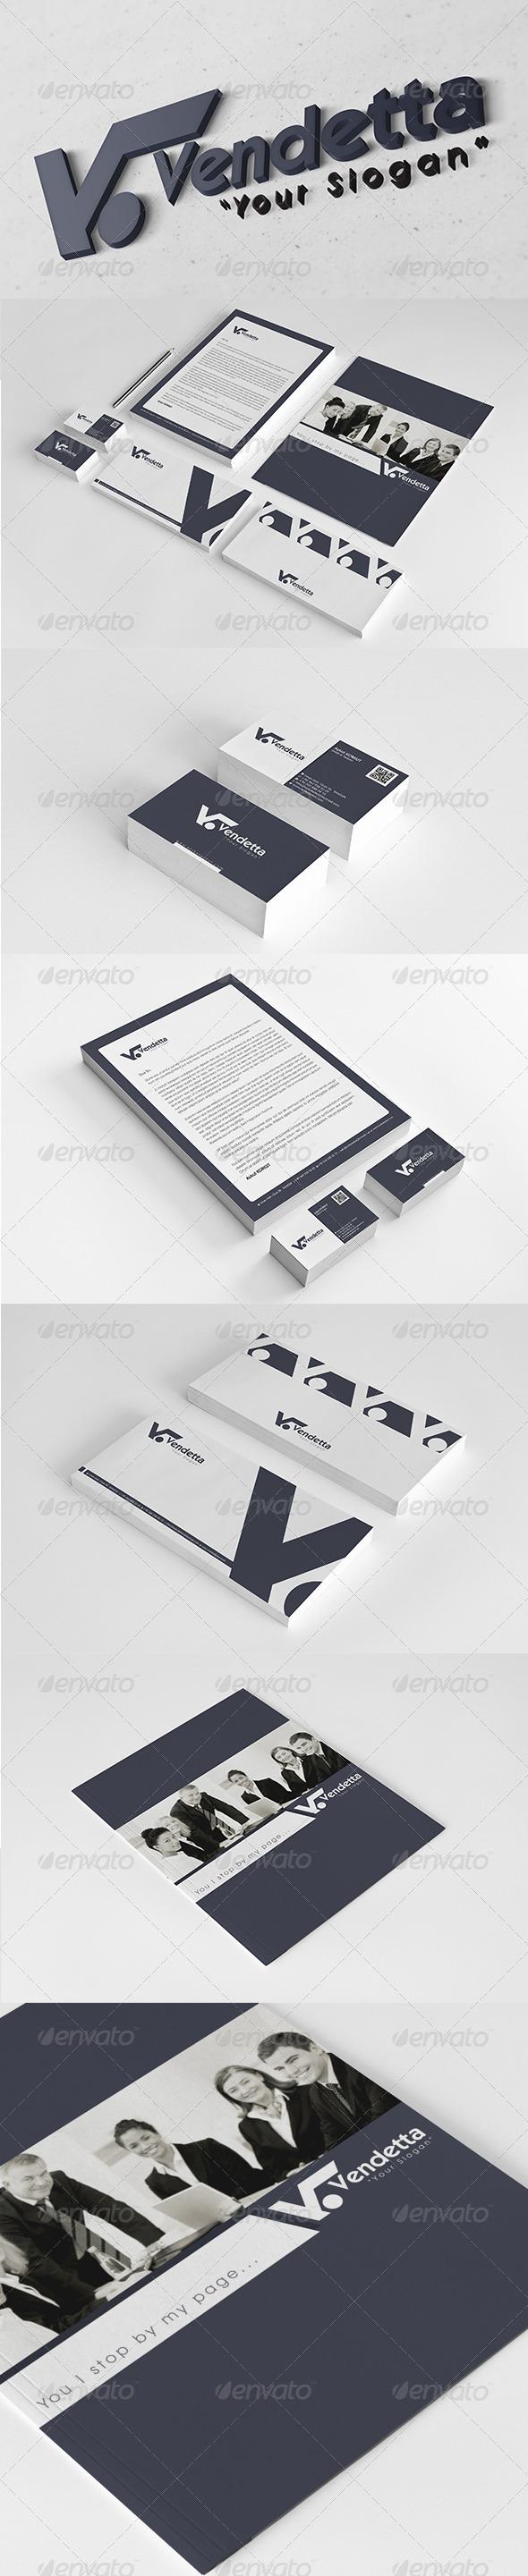 GraphicRiver Vendetta Corporate Identity Package 6041610